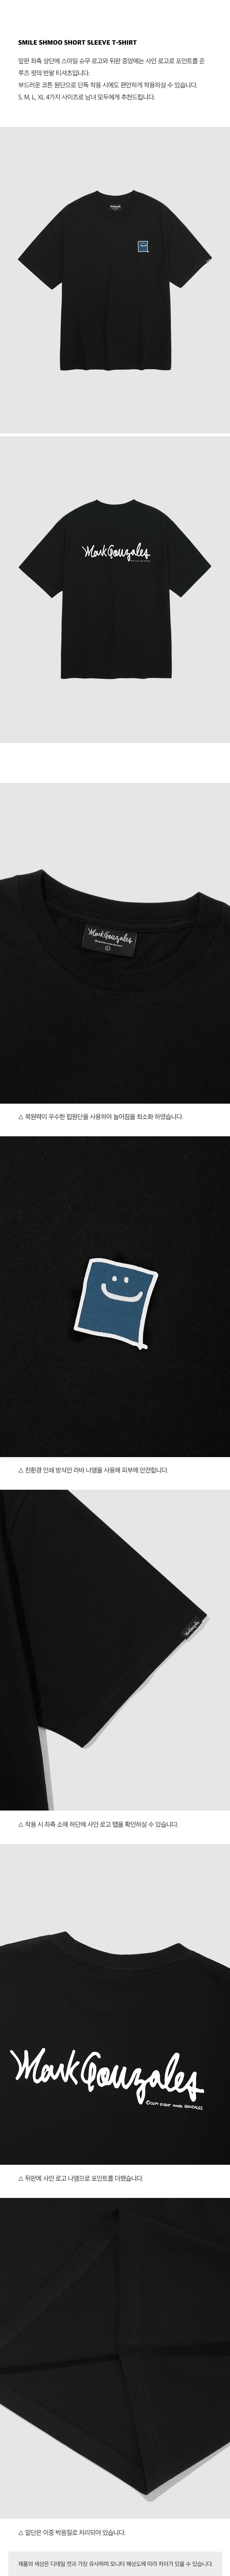 마크 곤잘레스(MARK GONZALES) 스몰 슈무 반팔 티셔츠 블랙